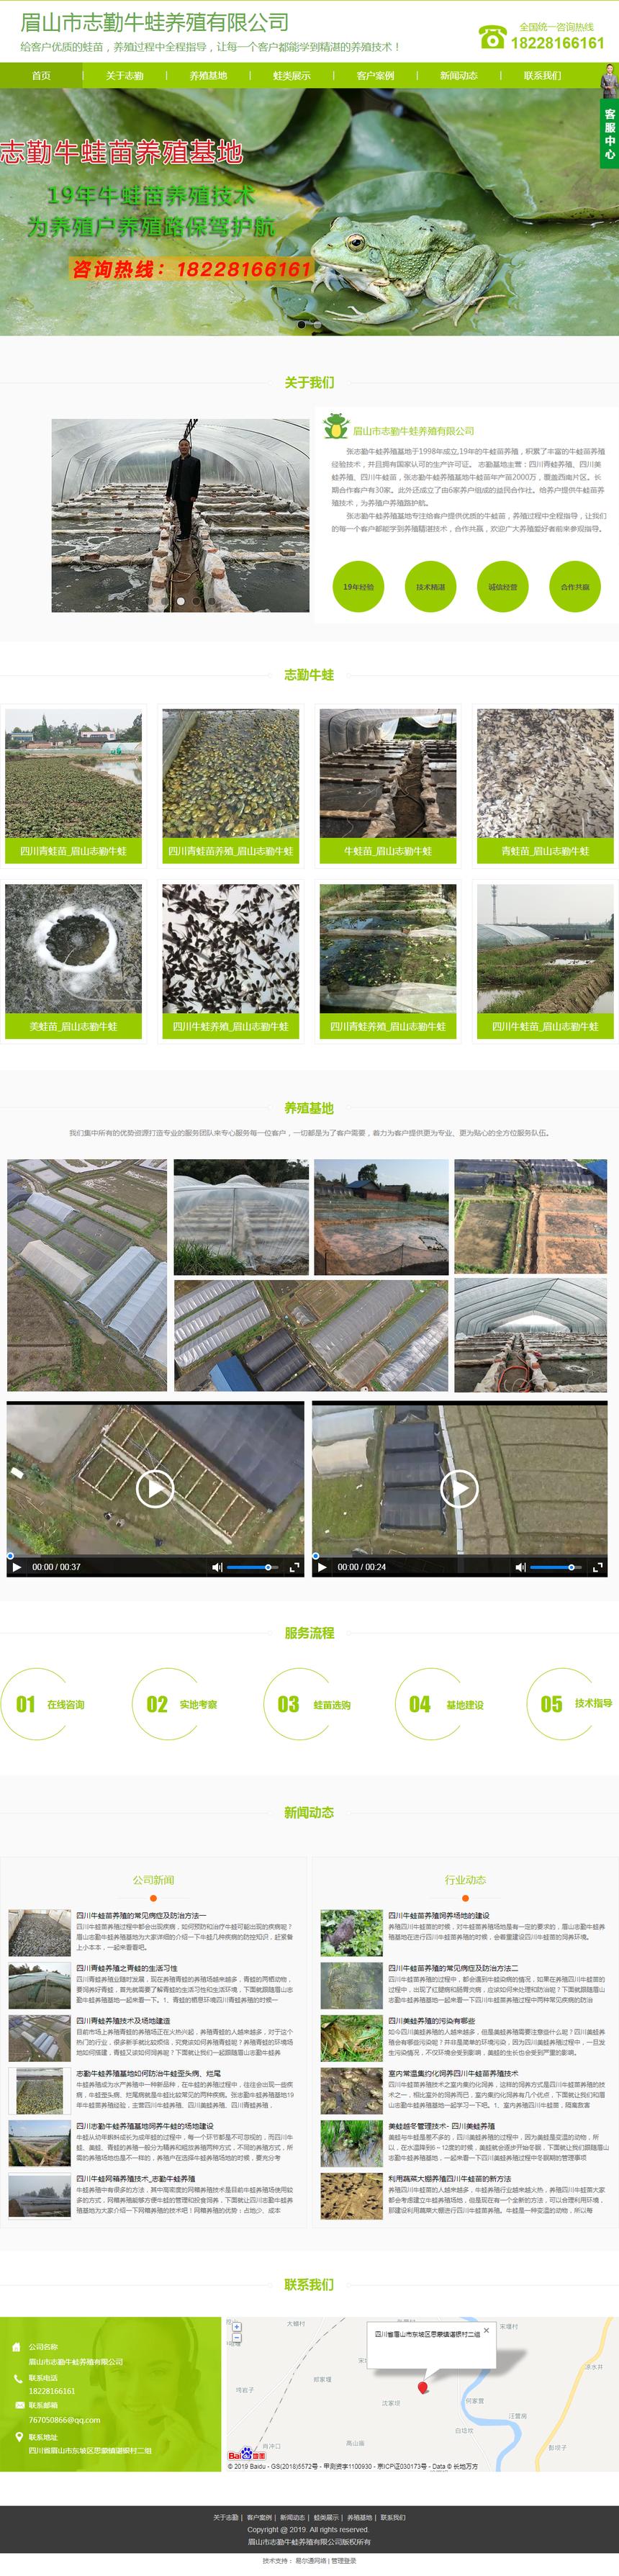 資陽網站建設.png